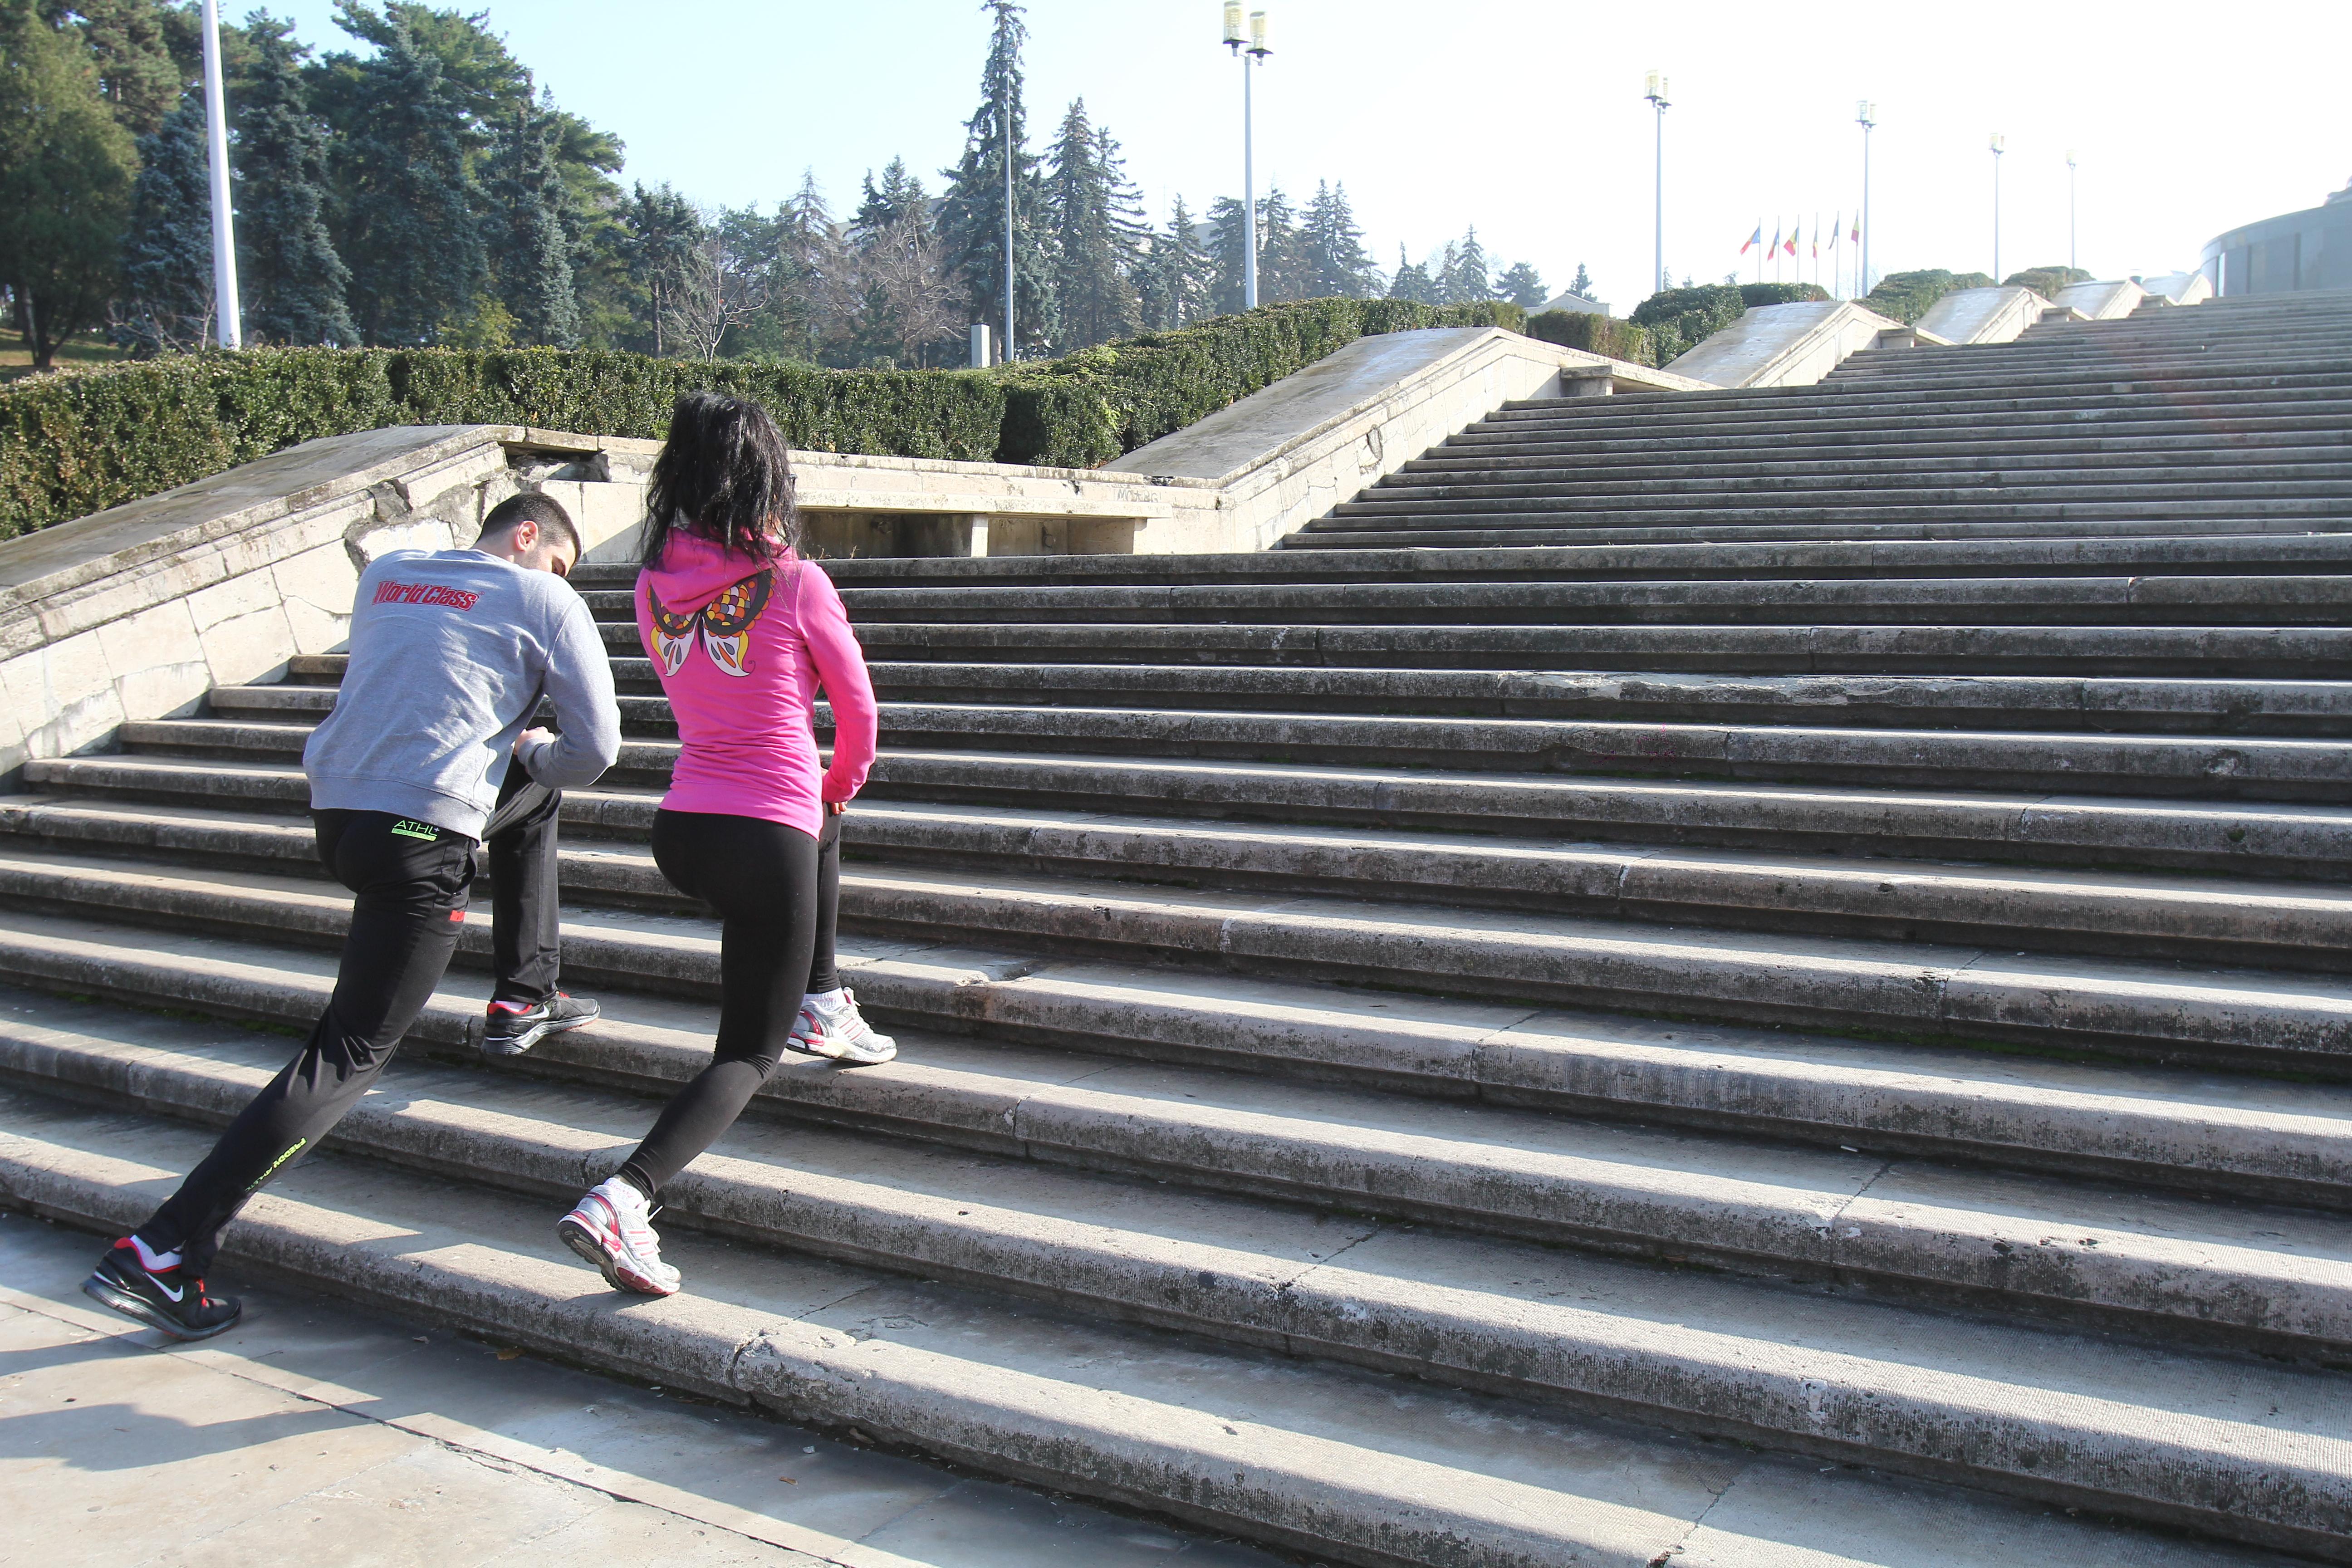 Wanda si antrenorul ei fac exercitii variate pe scarile din parcul carol, mai ales pentru fese si coapse